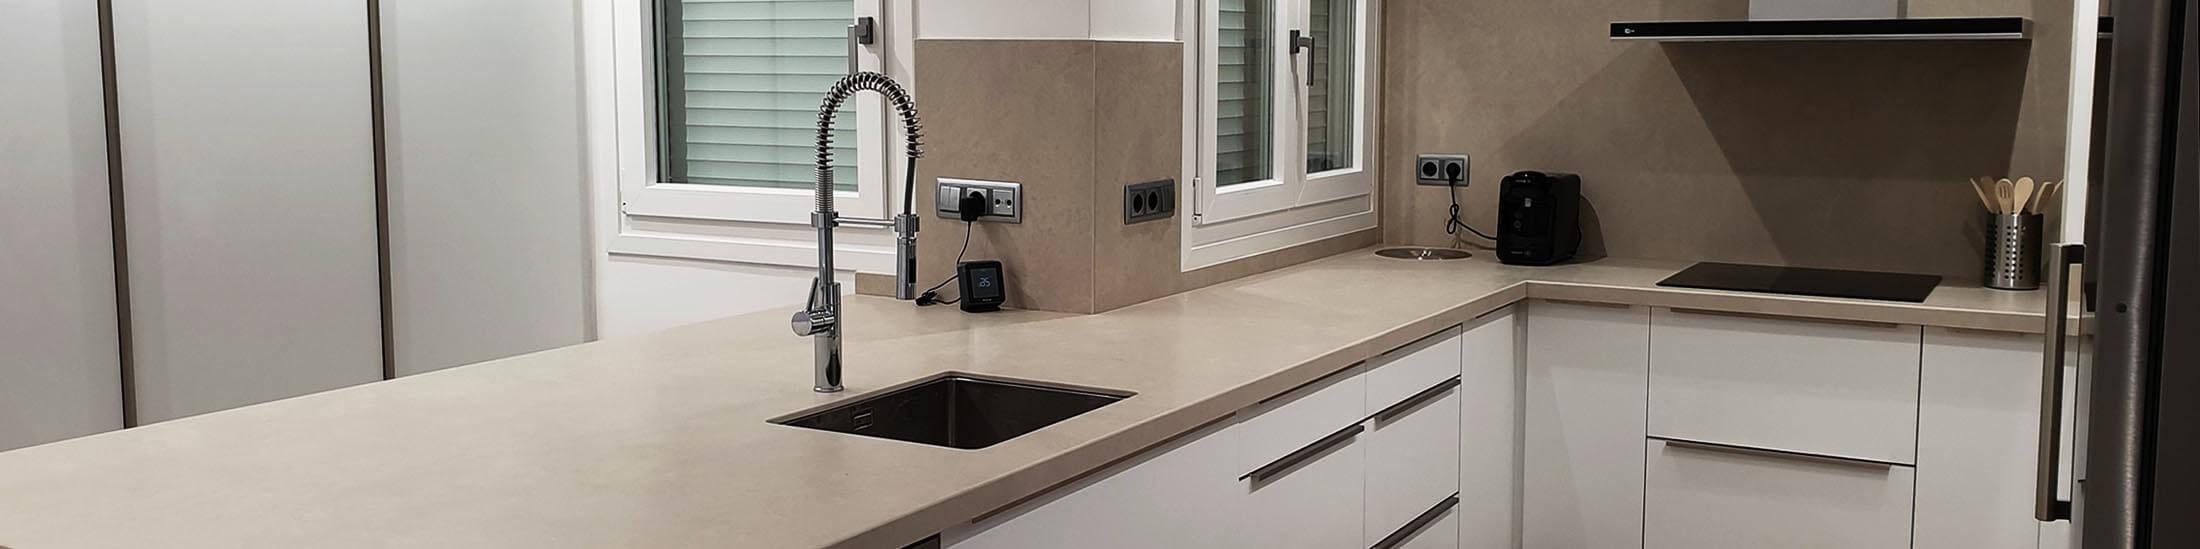 Haz realidad tu proyecto de baño o cocina